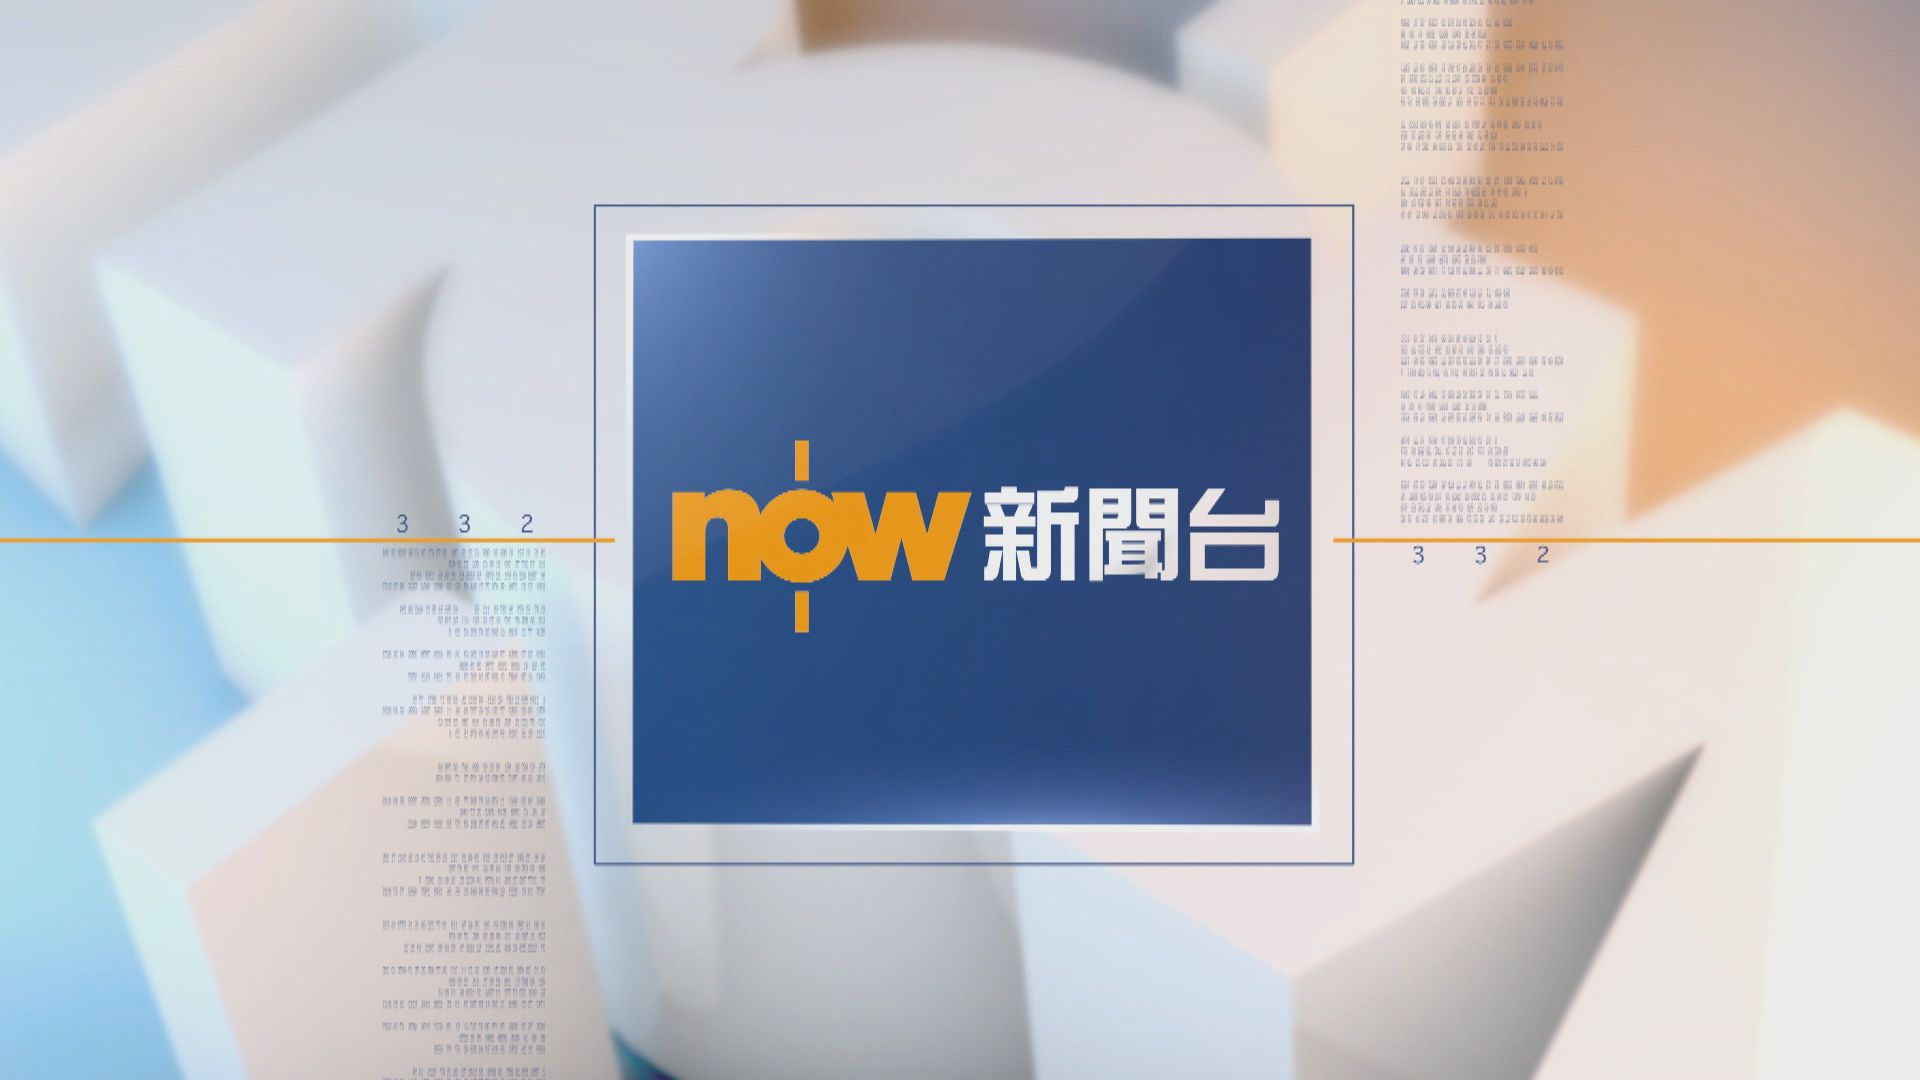 【招聘啟事】Online News Editor / Reporter (1 Post)